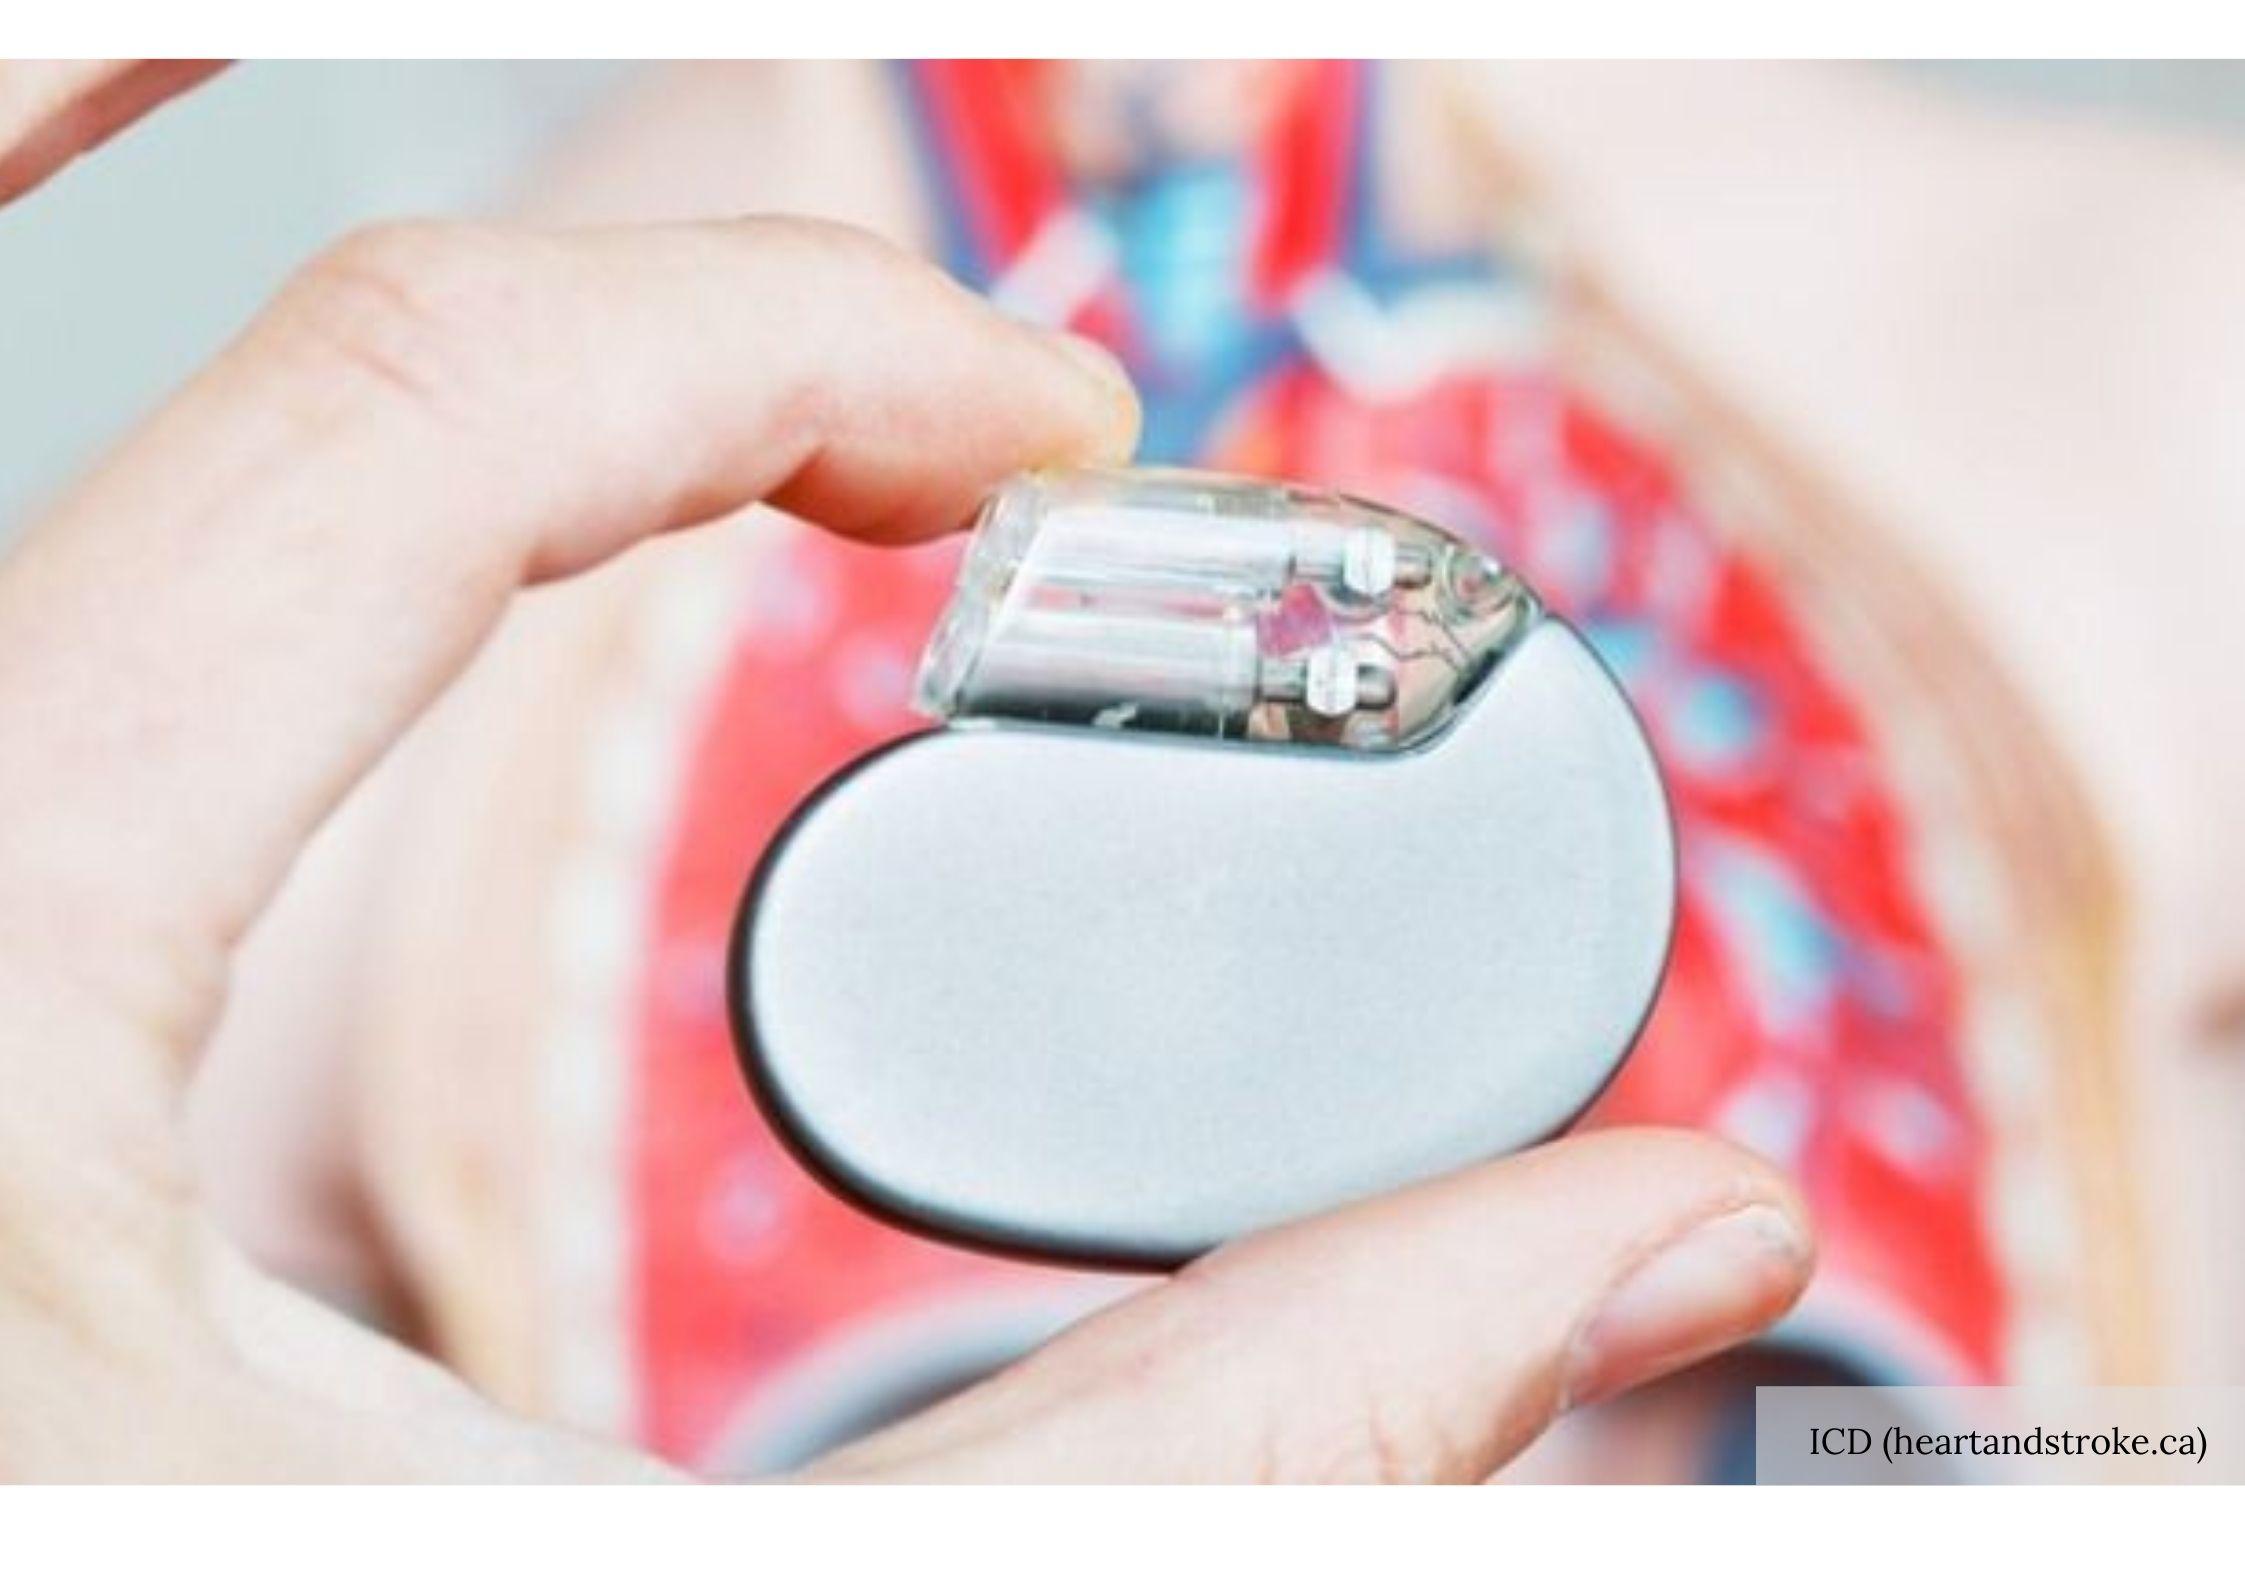 Sebuah Alat Kecil Yang Dapat Mencegah Kematian Jantung Mendadak